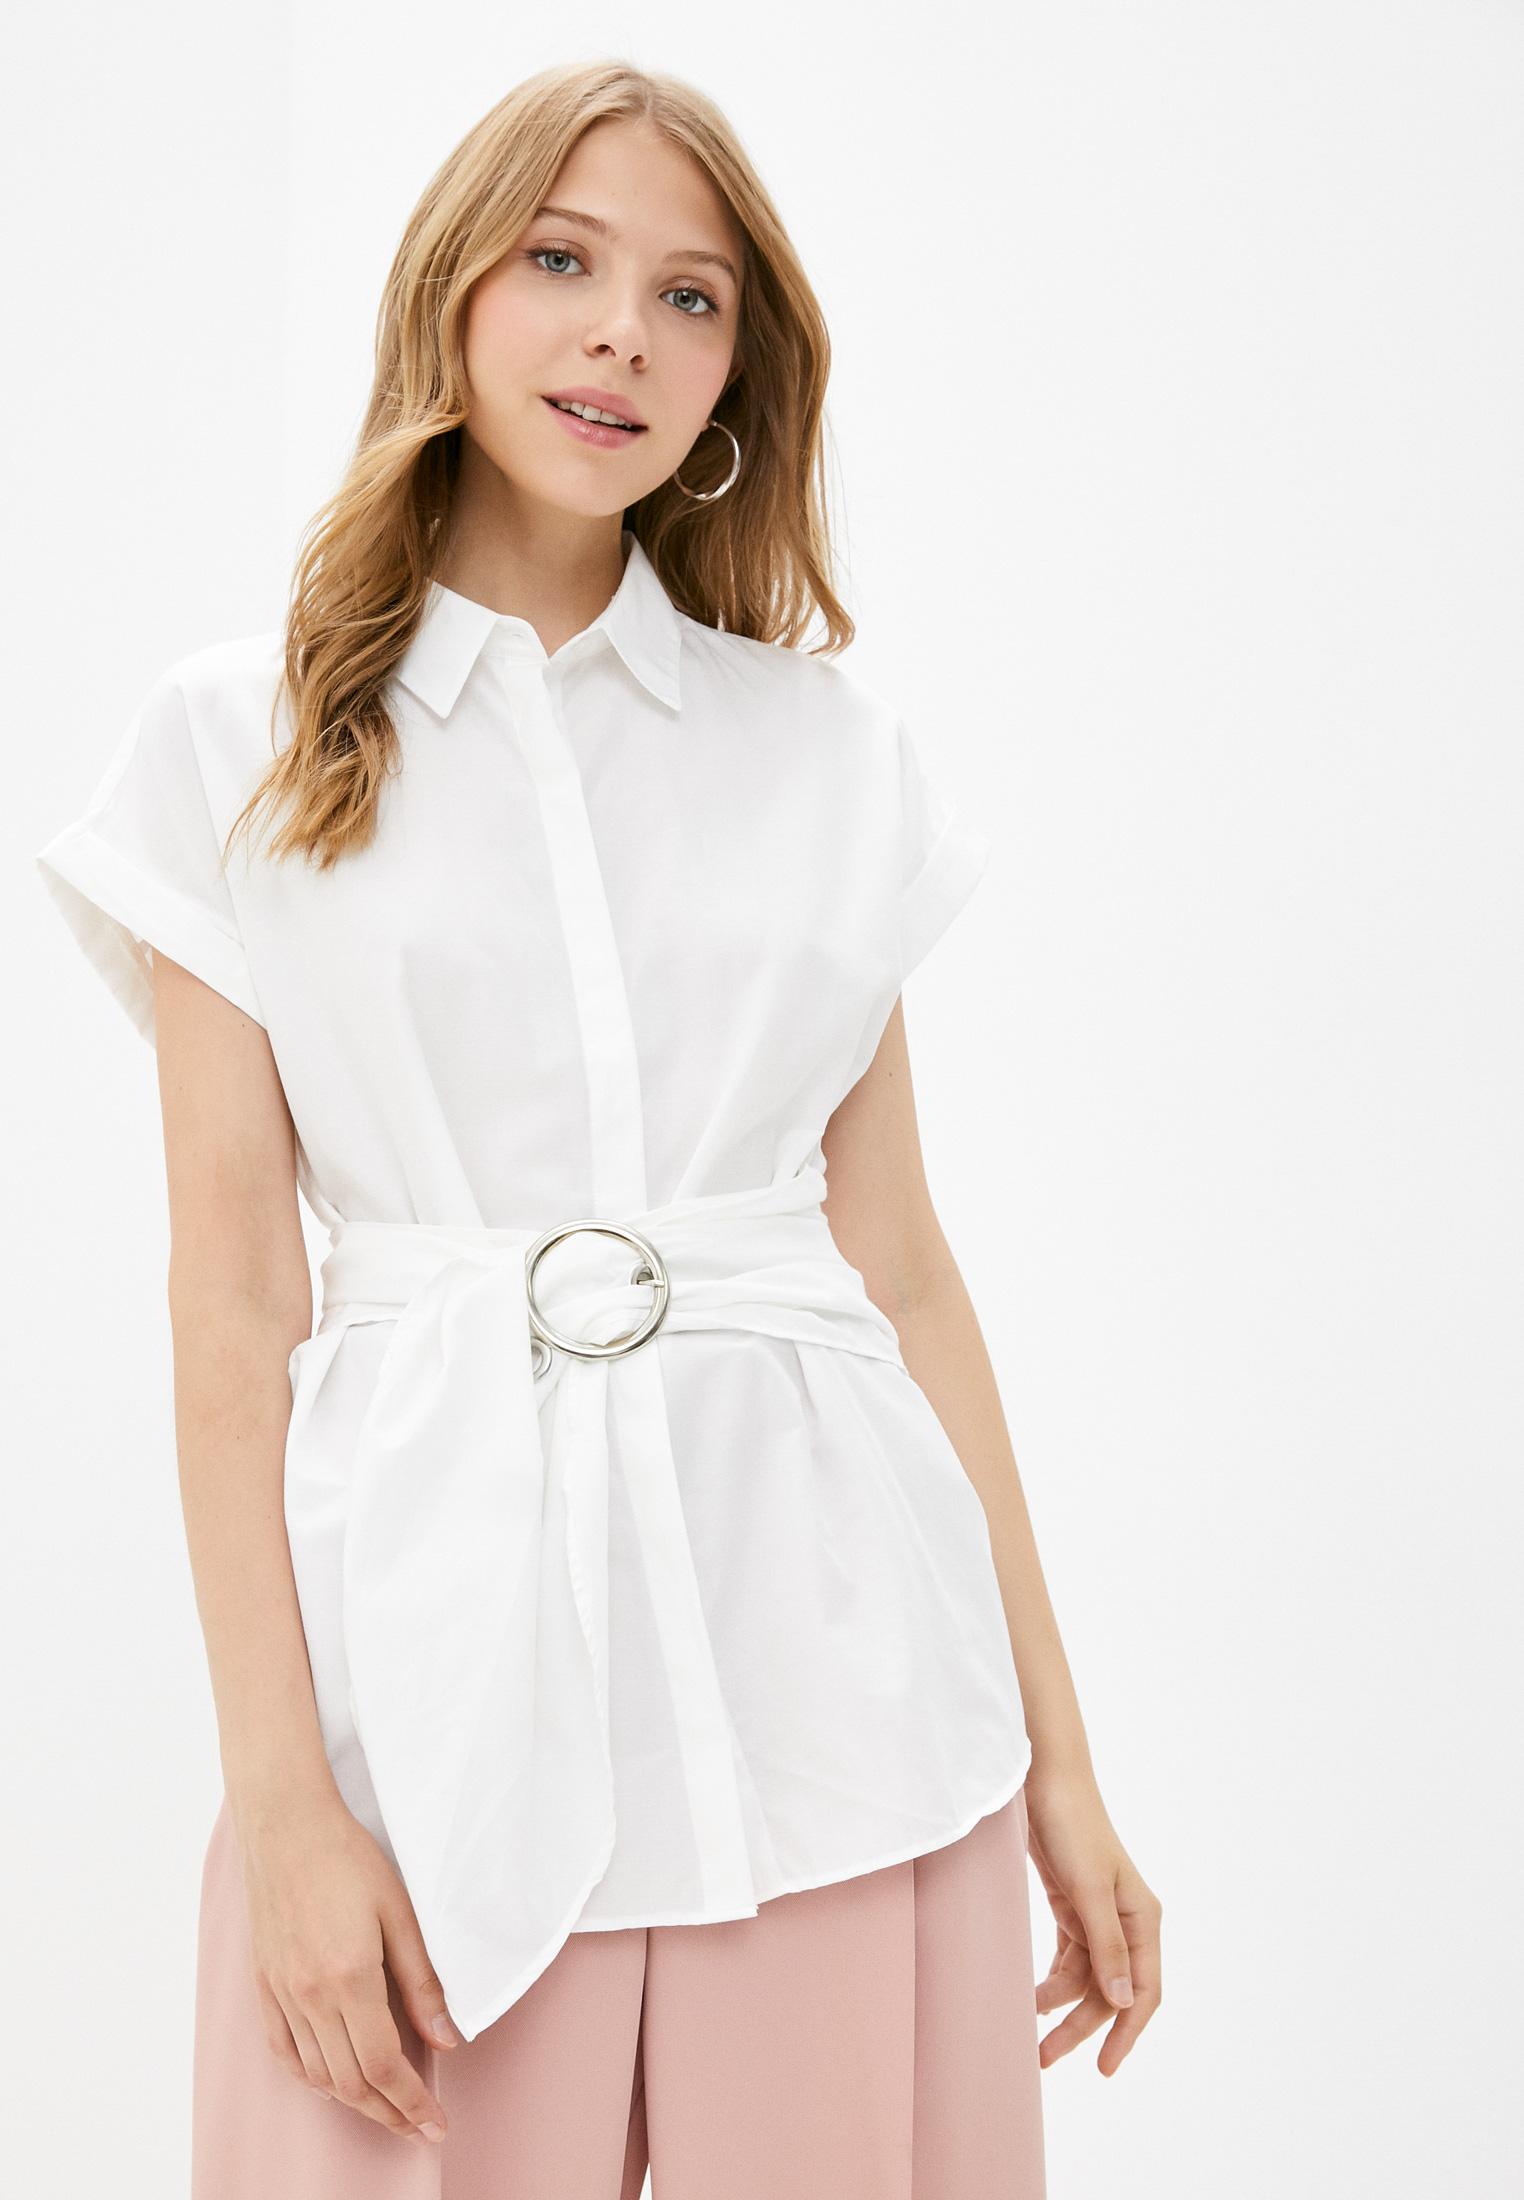 Рубашка с коротким рукавом Trendyol Рубашка Trendyol